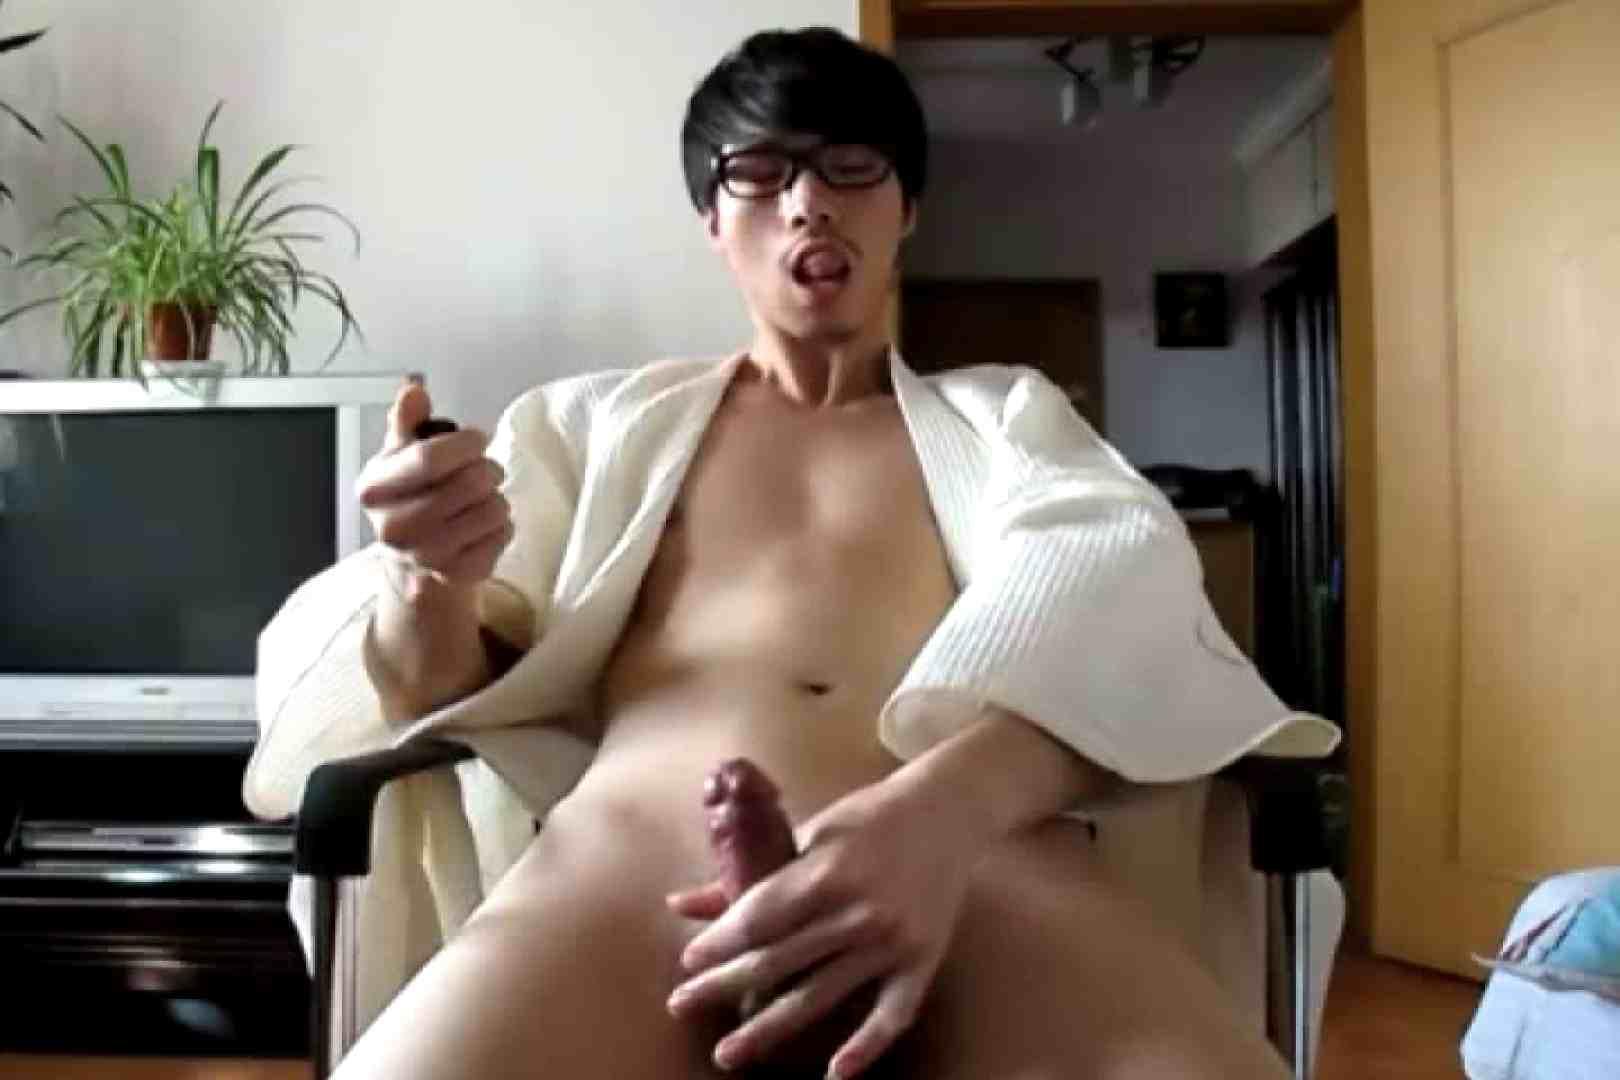 モテメン!!公開オナニー22 発射映像 | ゲイのオナニー映像  77枚 51